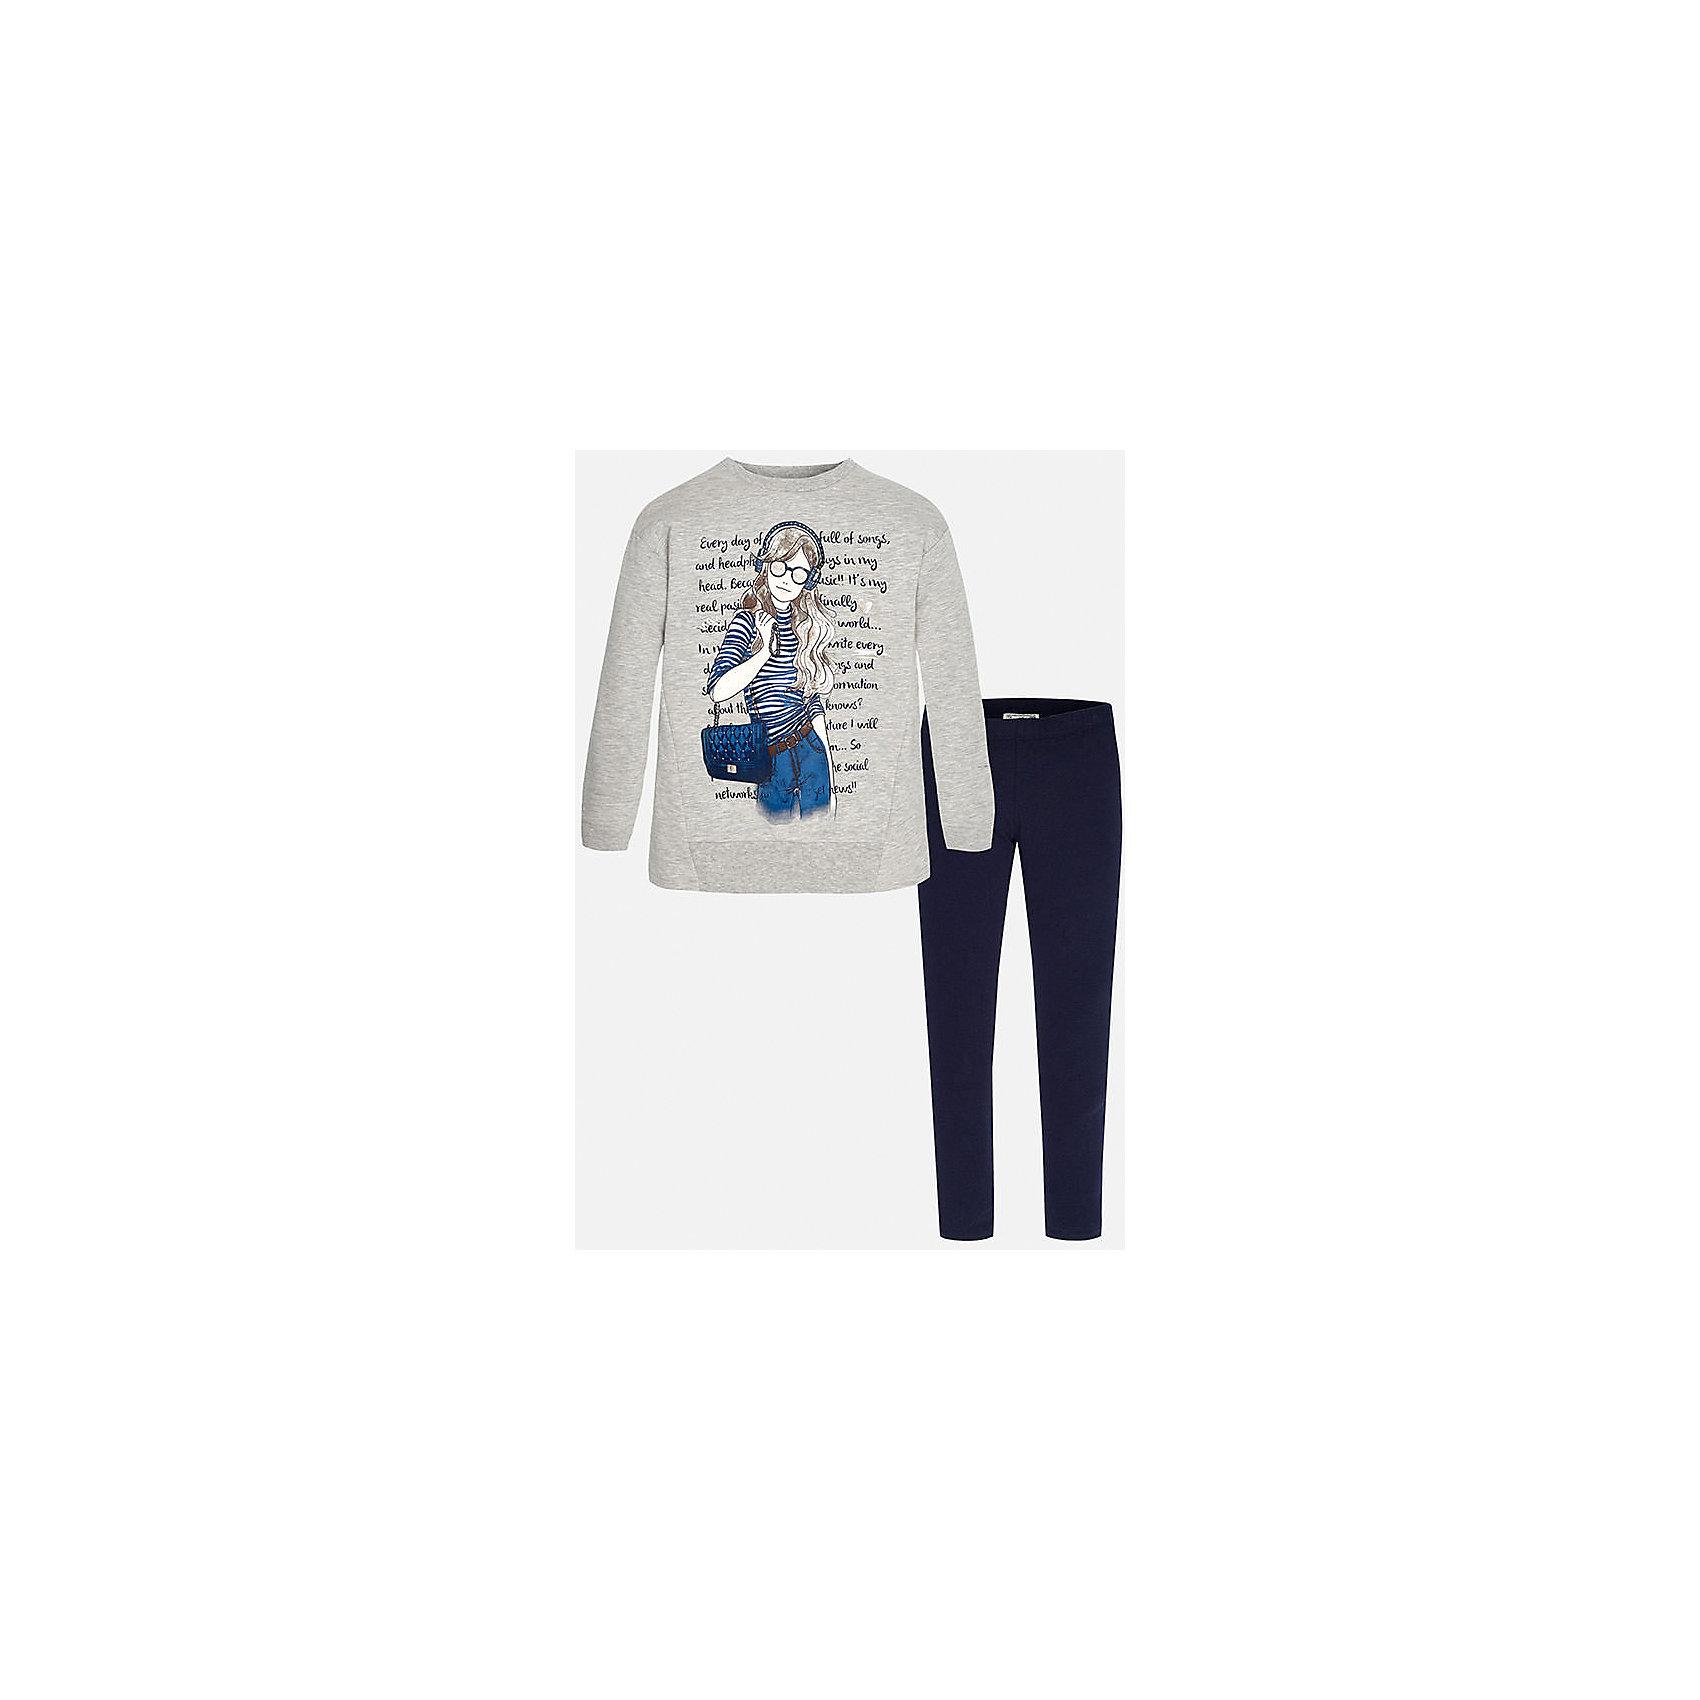 Комплект:футболка и леггинсы для девочки MayoralКомплекты<br>Комплект для девочки Mayoral (Майорал) от известного испанского бренда Mayoral. Комплект состоит из пуловера с длинными рукавами и леггинсов. Пуловер и леггинсы изготовлены из трикотажного полотна с добавлением полиэстера и эластана.  Сочетание натуральных и искусственных нитей обеспечивает воздухопроницаемость, защищает от потери цвета и формы даже при длительном использовании. Пуловер выполнен в сером цвете, на передней части нанесен молодежный принт с элементами синего цвета, темно-синие леггинсы – со средней посадкой, с узким эластичным поясом обеспечивают комфорт и удобство при повседневной носке. Комплект разрешается стирать при температуре 30 градусов, допускается химическая чистка и глажка. <br><br>Дополнительная информация:<br><br>- Предназначение: повседневная одежда<br>- Цвет: серый, темно-синий<br>- Пол: для девочки<br>- Состав: 58% хлопок, 39% полиэстер, 3% эластан<br>- Сезон: круглый год<br>- Особенности ухода: стирка при температуре 30 градусов, допускается глажение и химическая чистка<br><br>Подробнее:<br><br>• Для детей в возрасте: от 8 лет и до 16 лет<br>• Страна производитель: Китай<br>• Торговый бренд: Mayoral<br><br>Комплект для девочки Mayoral (Майорал) можно купить в нашем интернет-магазине.<br><br>Ширина мм: 123<br>Глубина мм: 10<br>Высота мм: 149<br>Вес г: 209<br>Цвет: синий<br>Возраст от месяцев: 96<br>Возраст до месяцев: 108<br>Пол: Женский<br>Возраст: Детский<br>Размер: 128/134,164/170,158/164,146/152,152/158,134/140<br>SKU: 4847437